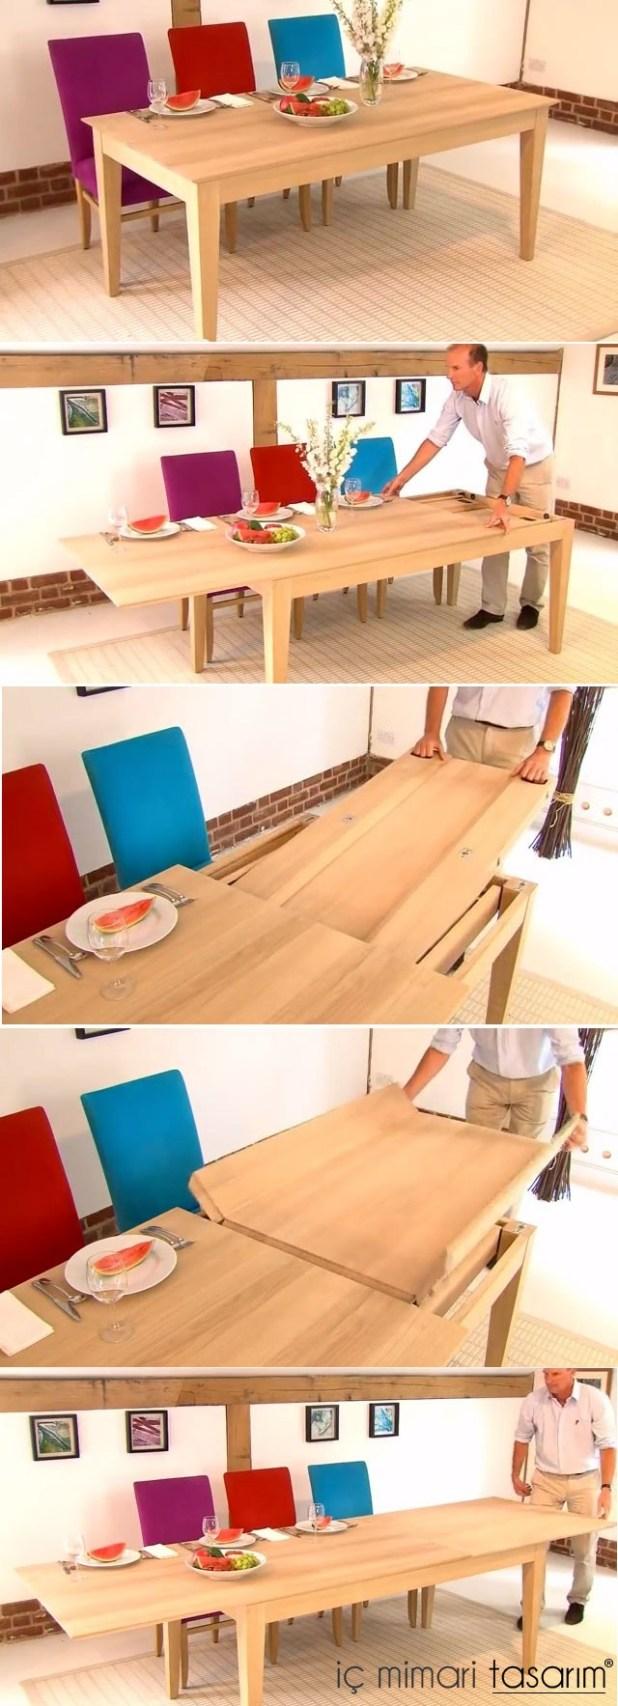 muhteşem-açılır-kapanır-masa-tasarımları (28)